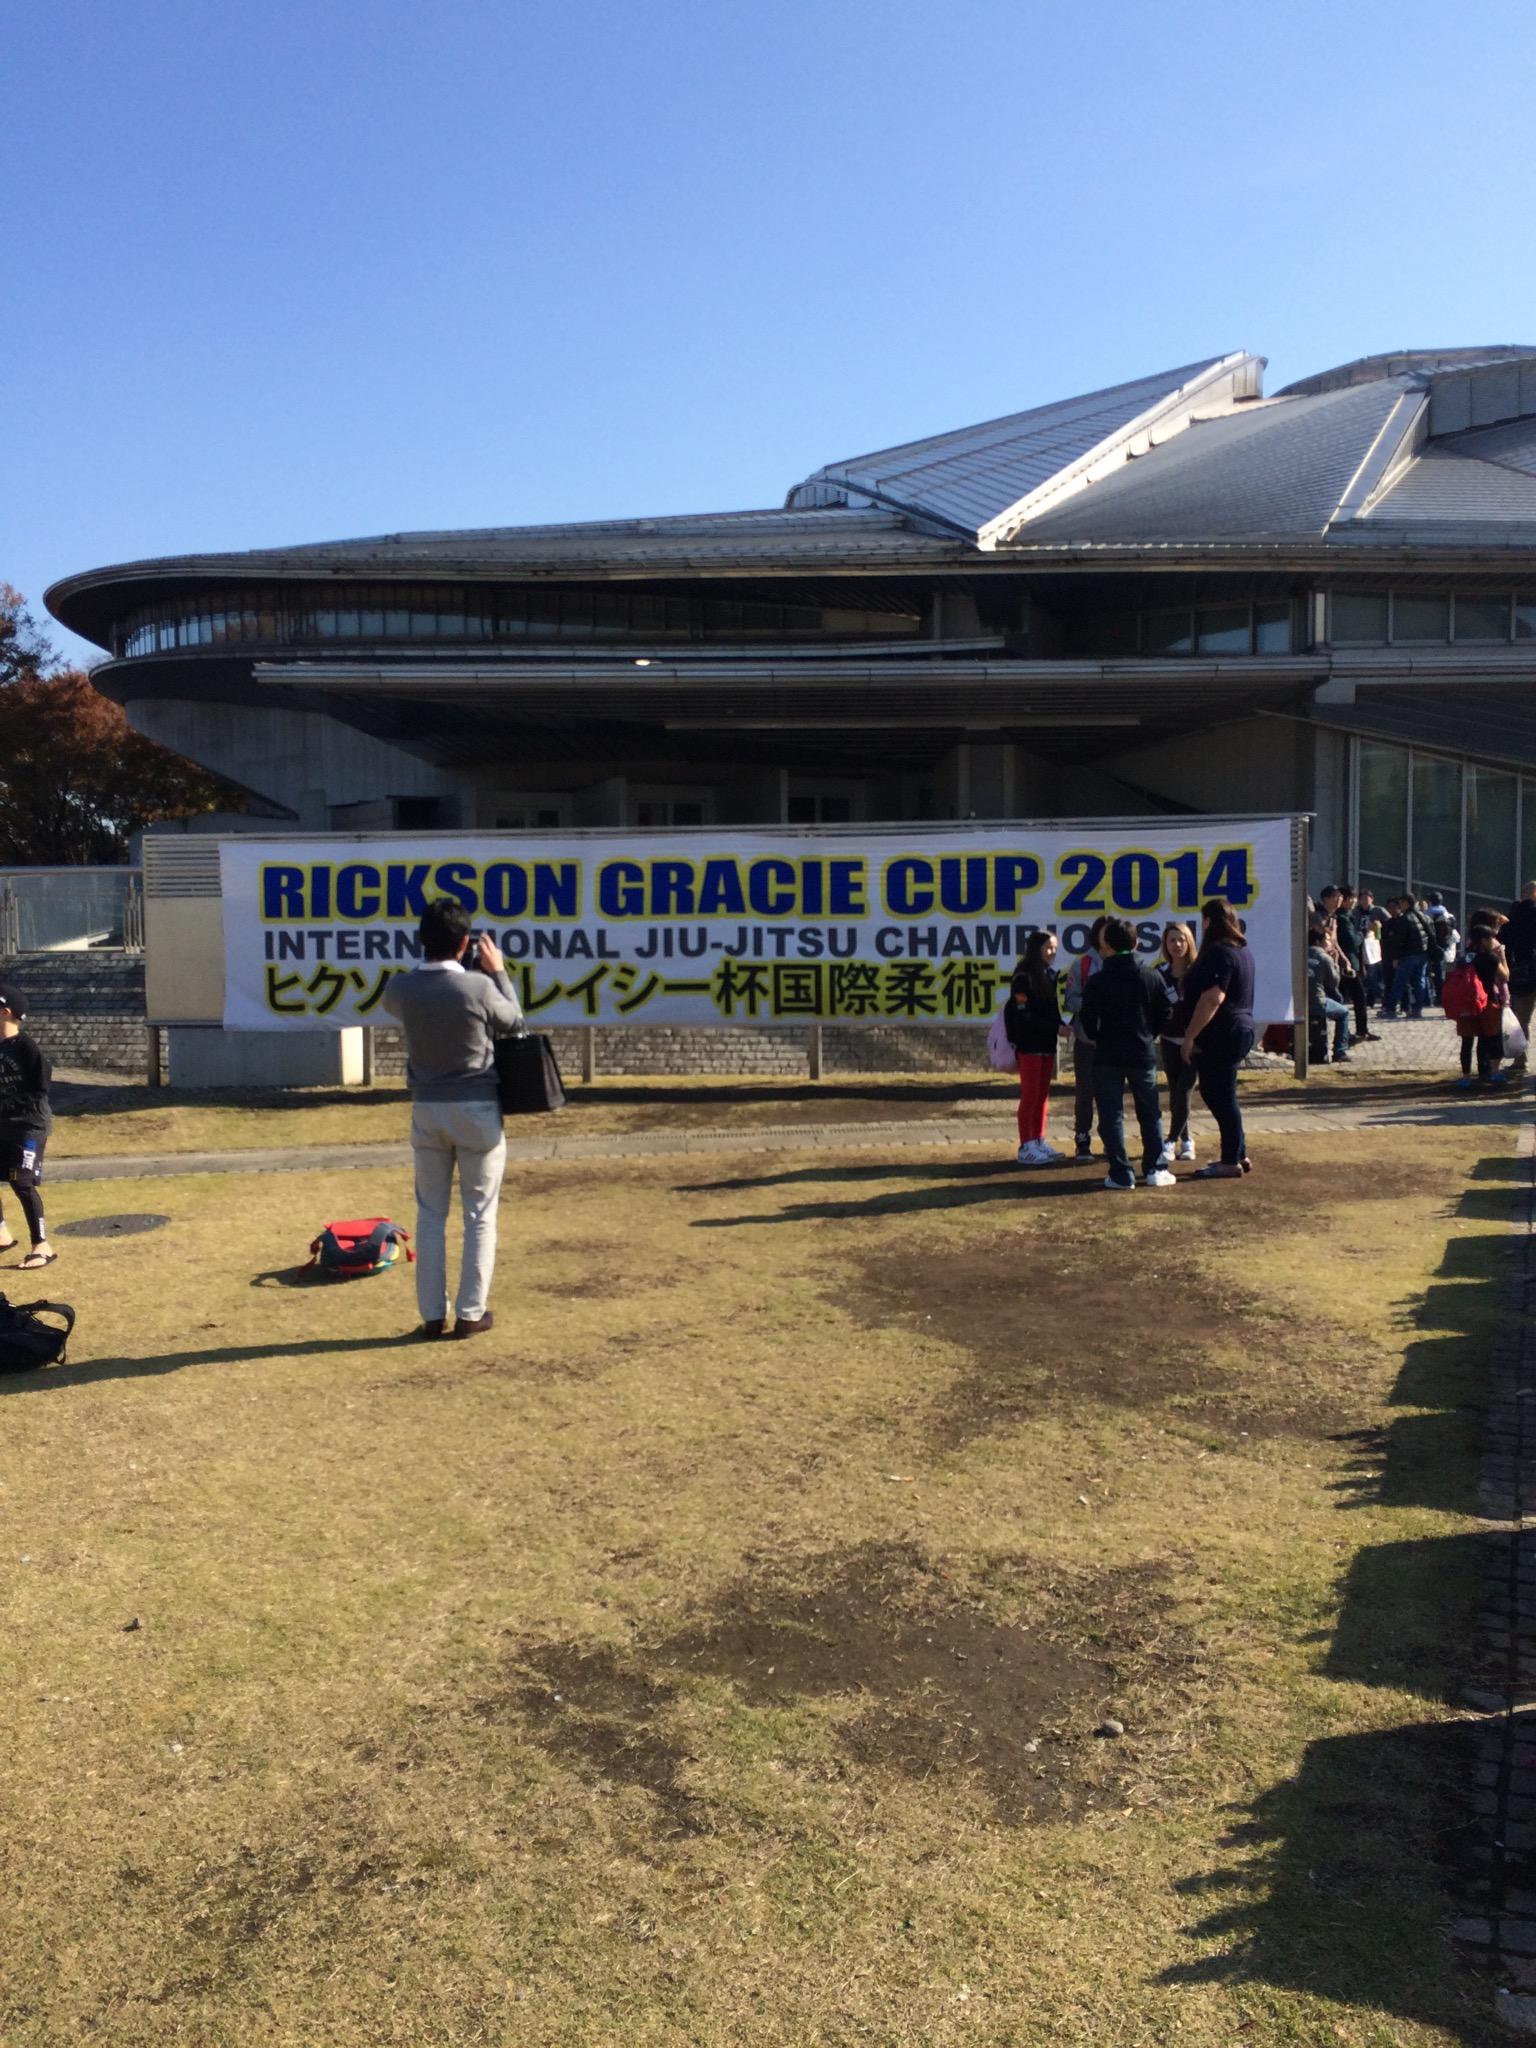 2014ヒクソン・グレイシーカップ